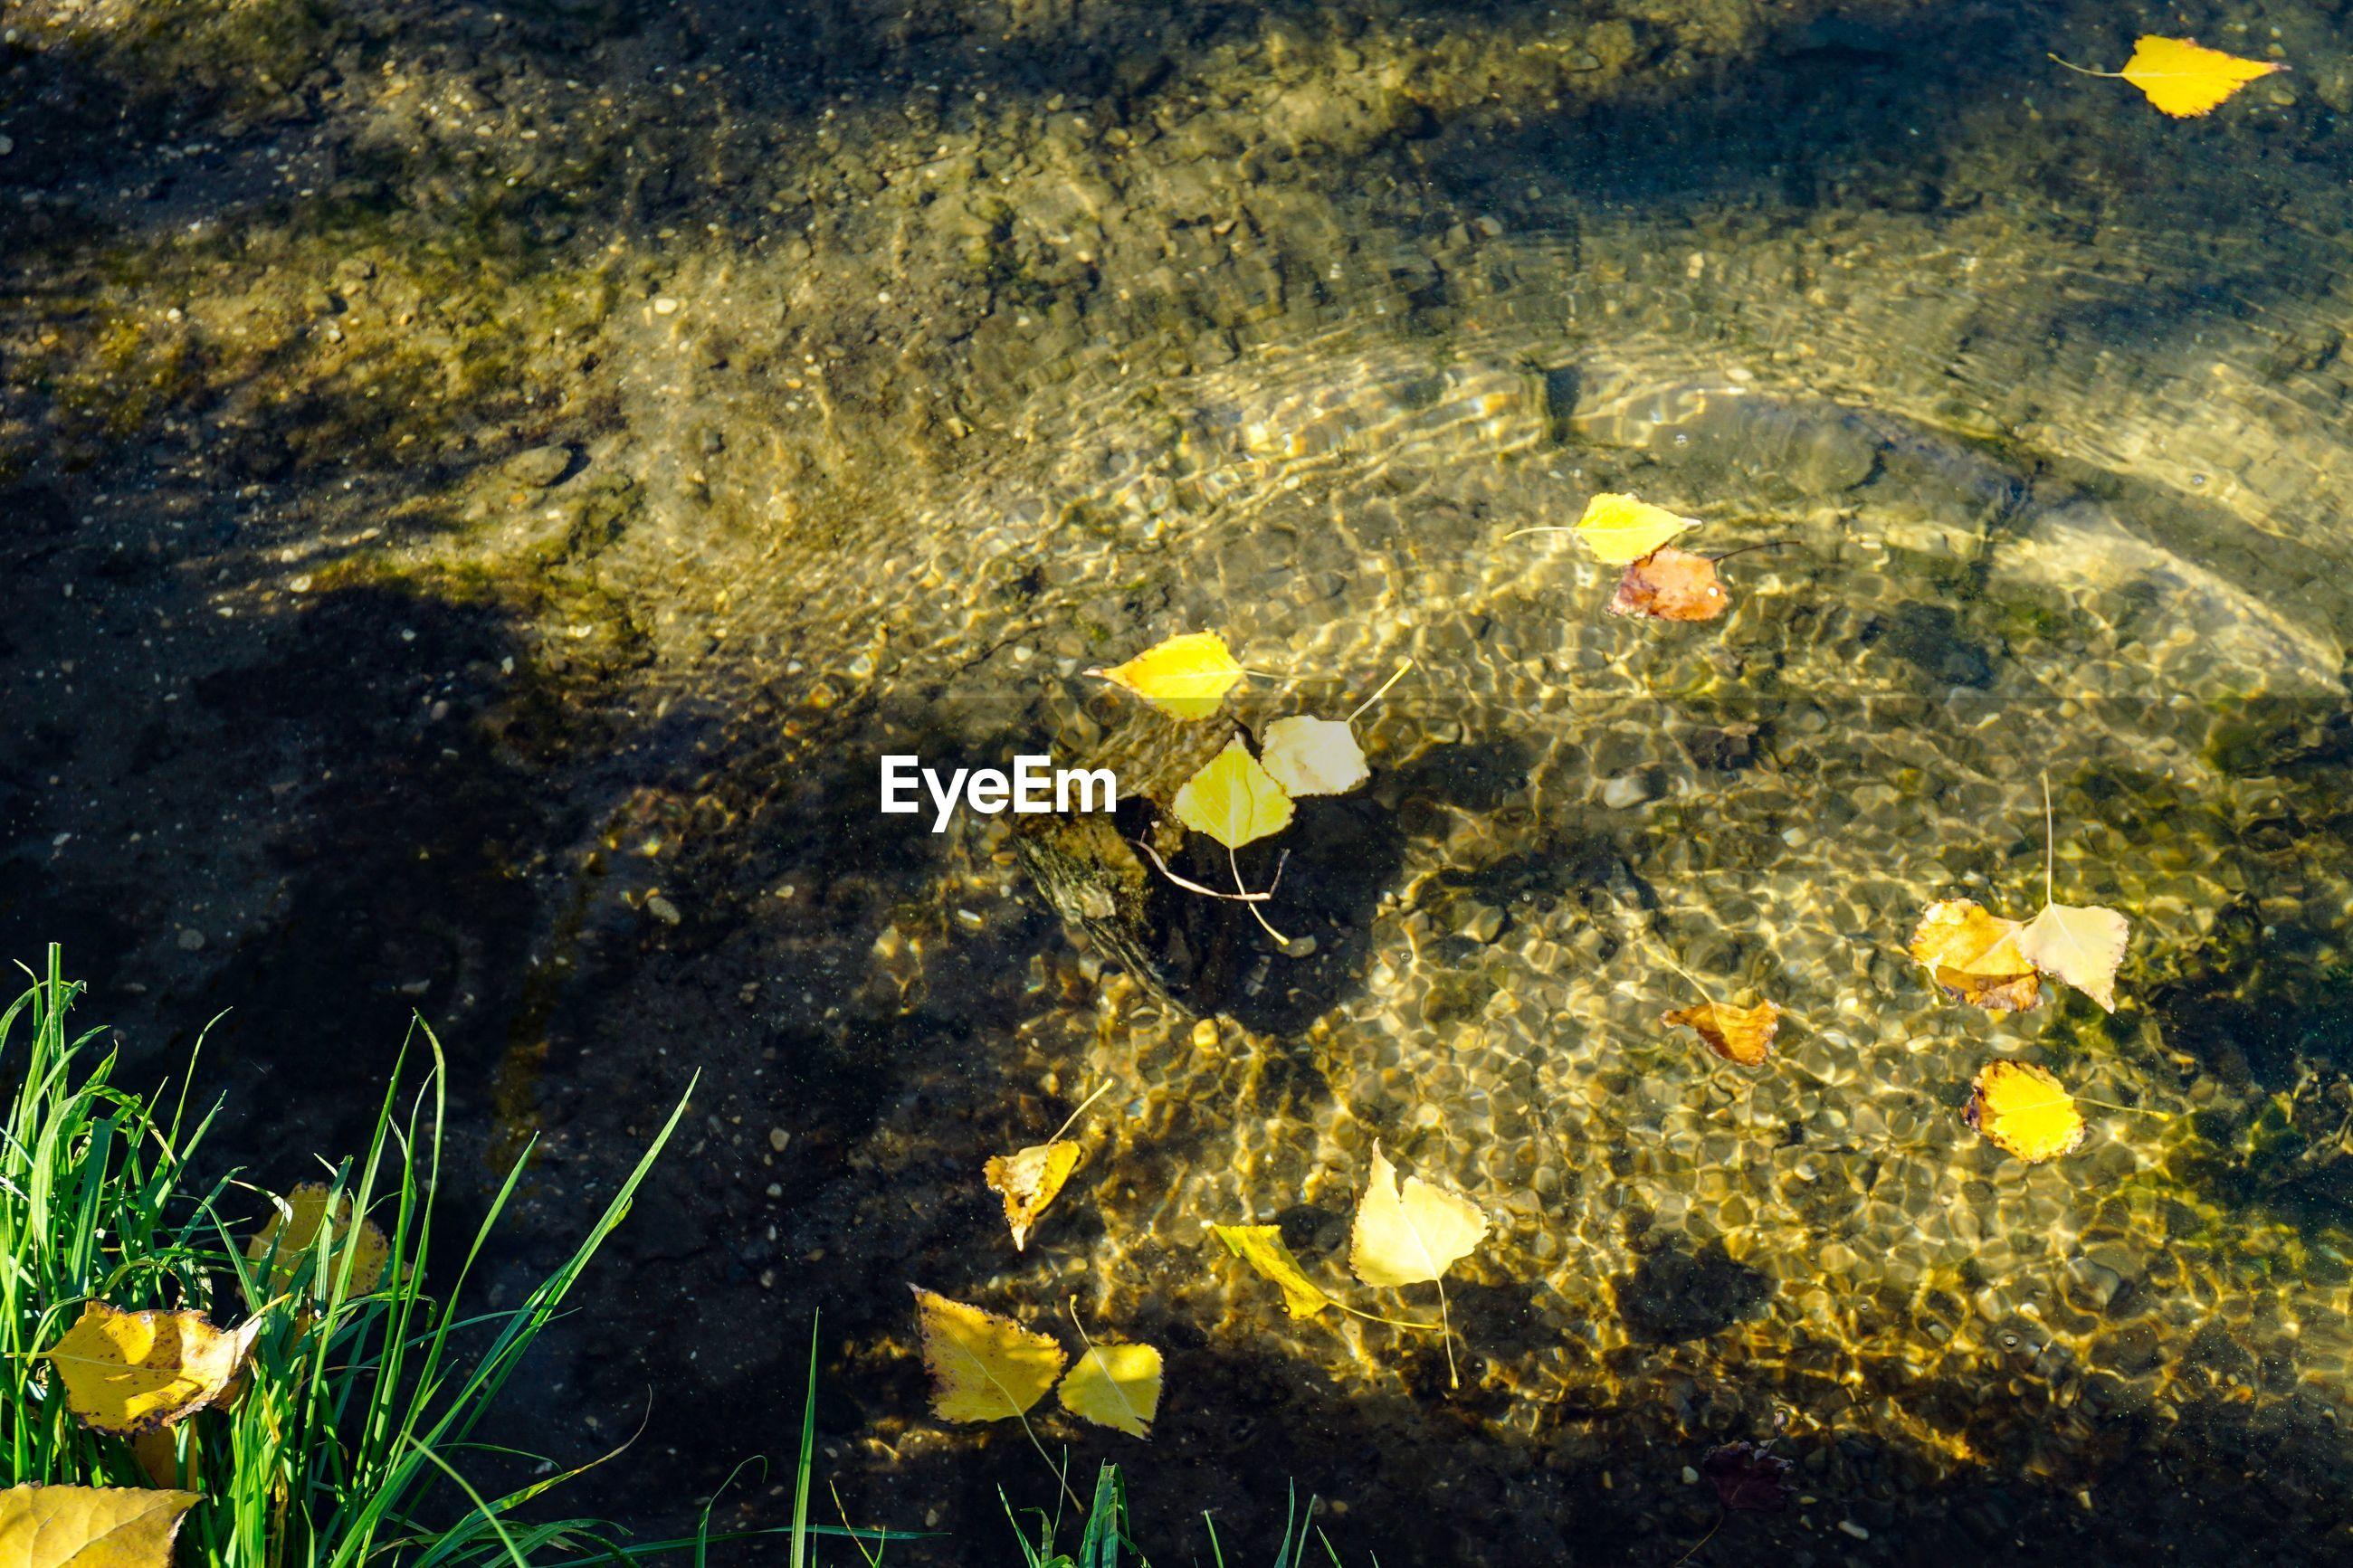 HIGH ANGLE VIEW OF YELLOW FISH ON SEA